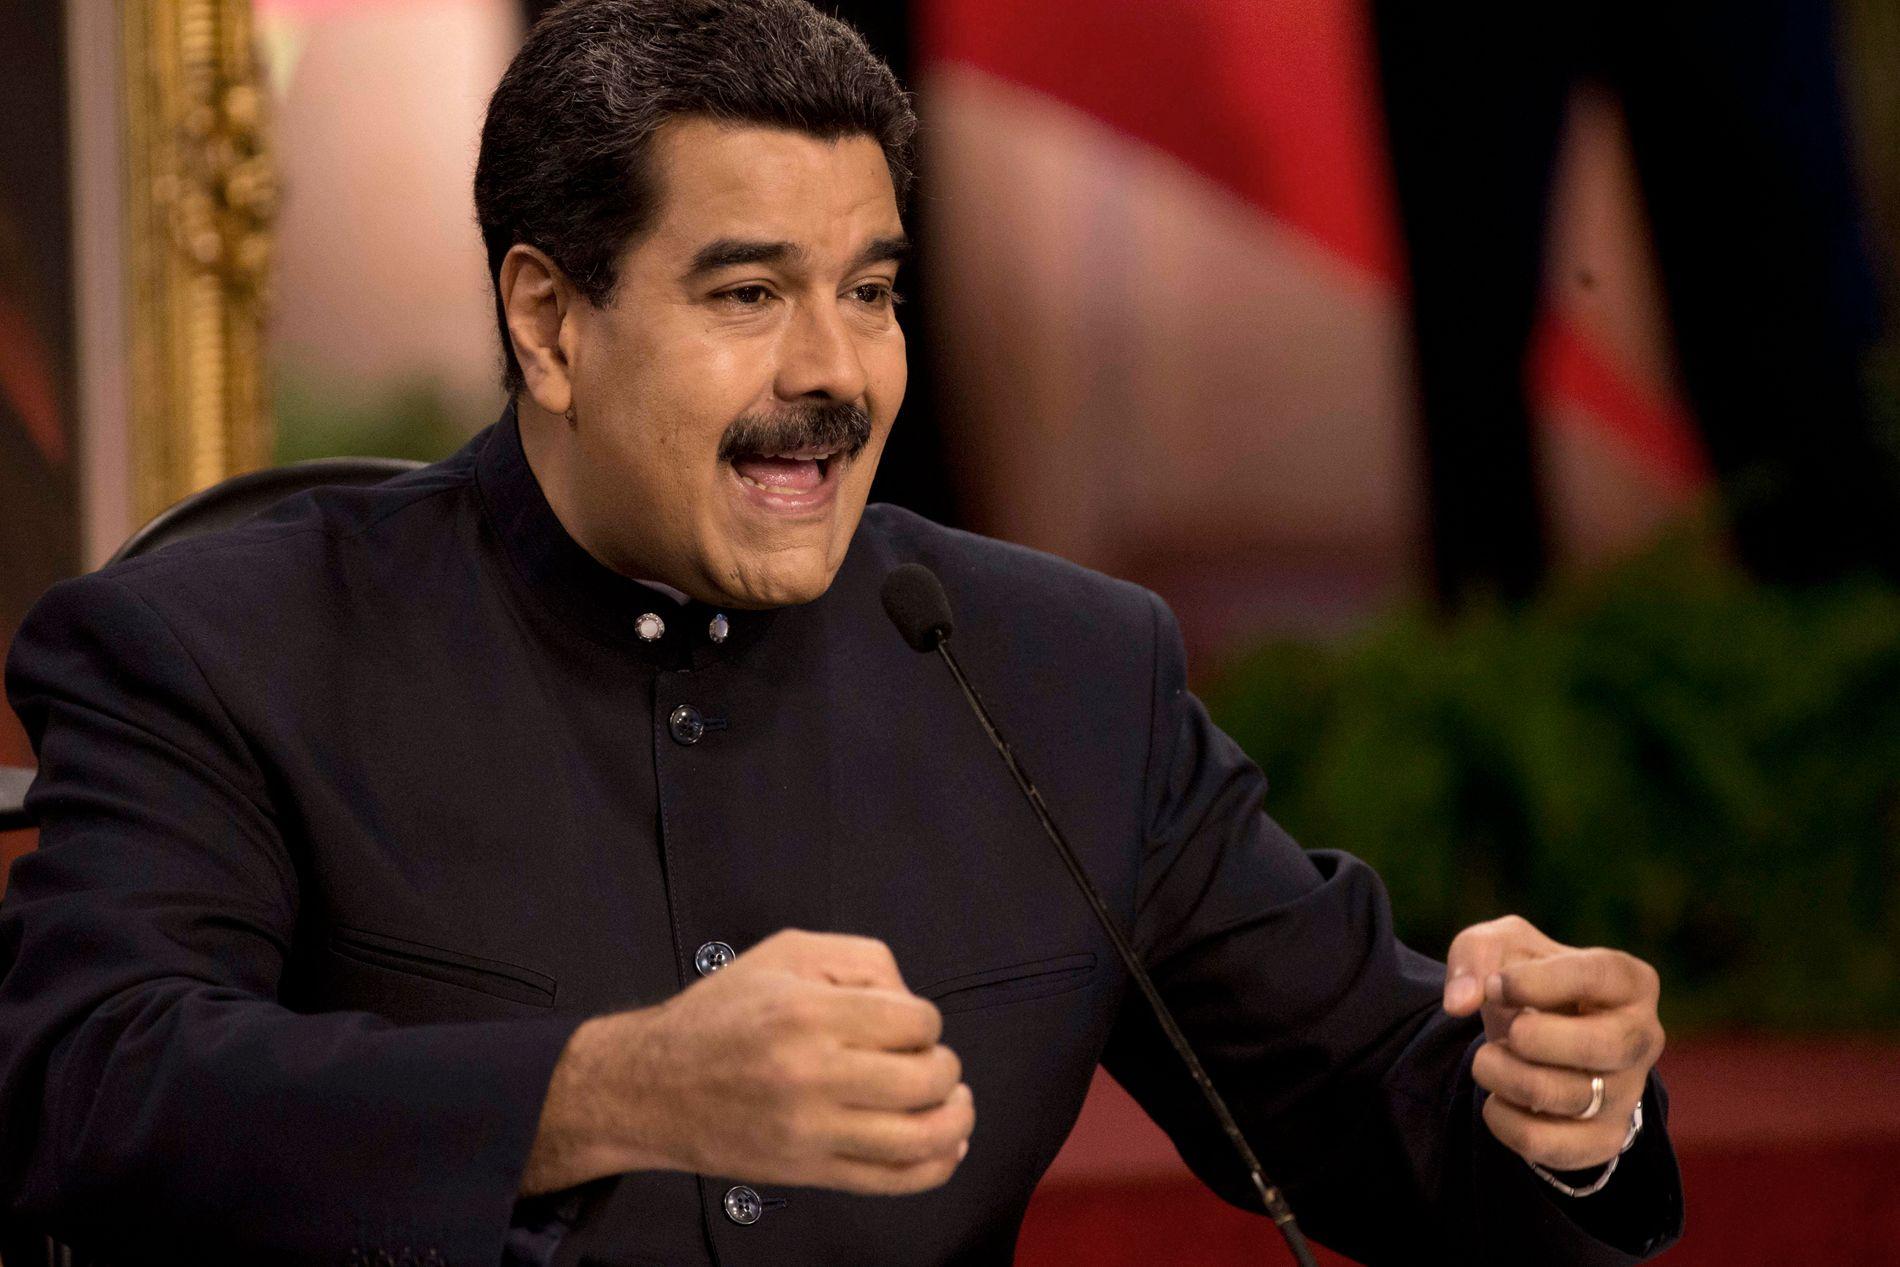 LANDSFORRÆDERI: Venezuelas president Nicolas Maduros omstridte grunnlovsgivende forsamling åpner for å stille opposisjonsledere for riksrett for landsforræderi.